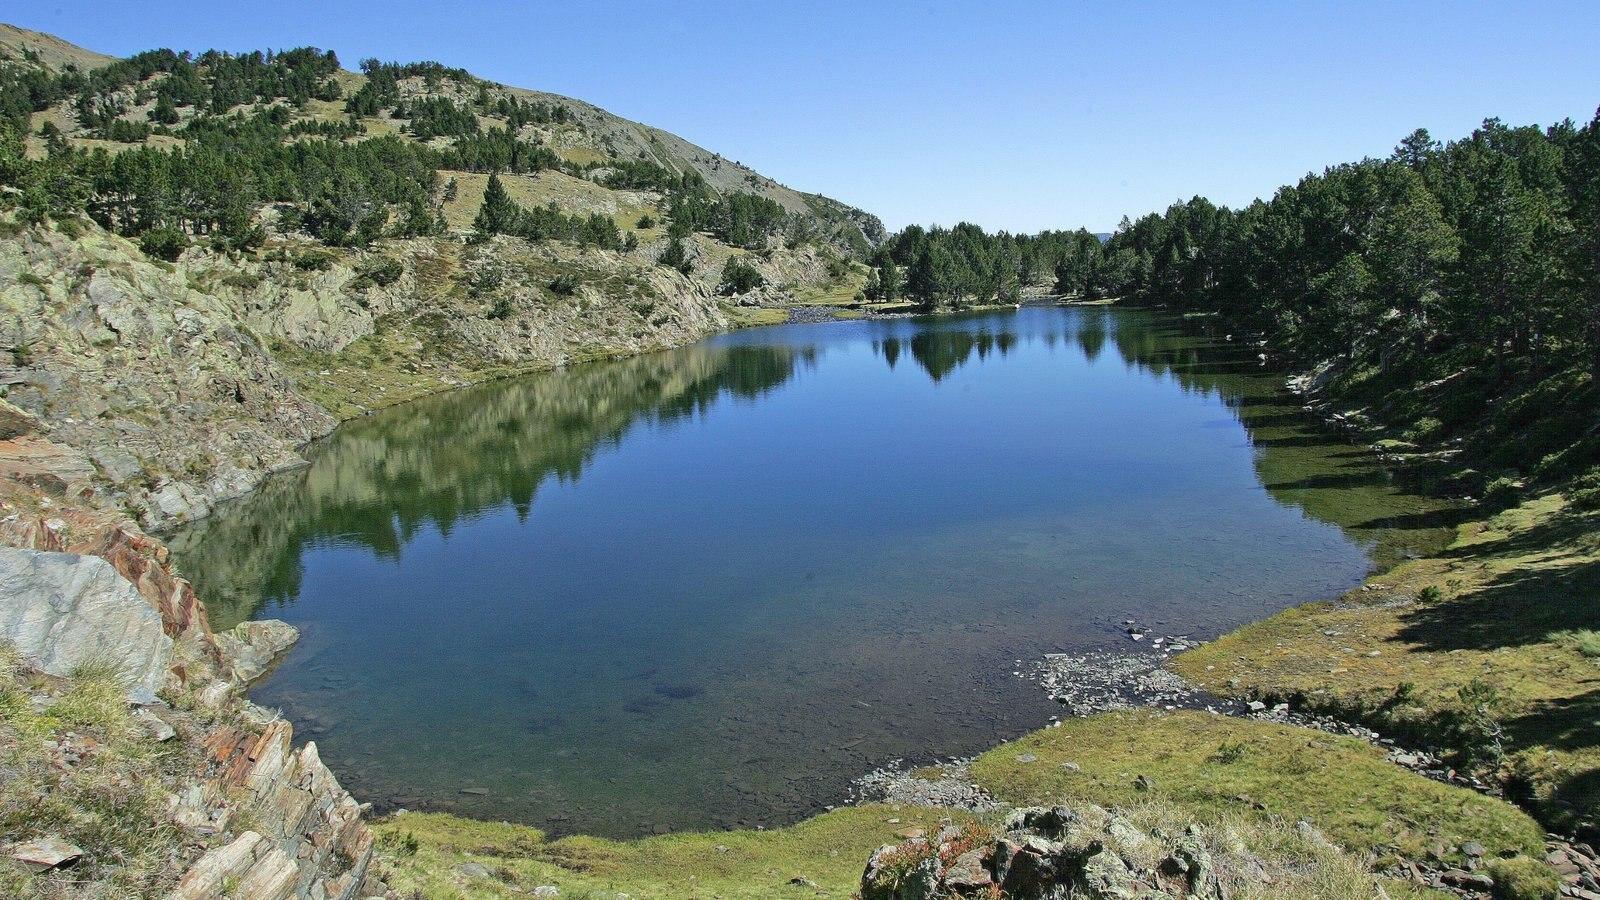 Quebec ofreciendo bosques, vistas de paisajes y un lago o abrevadero